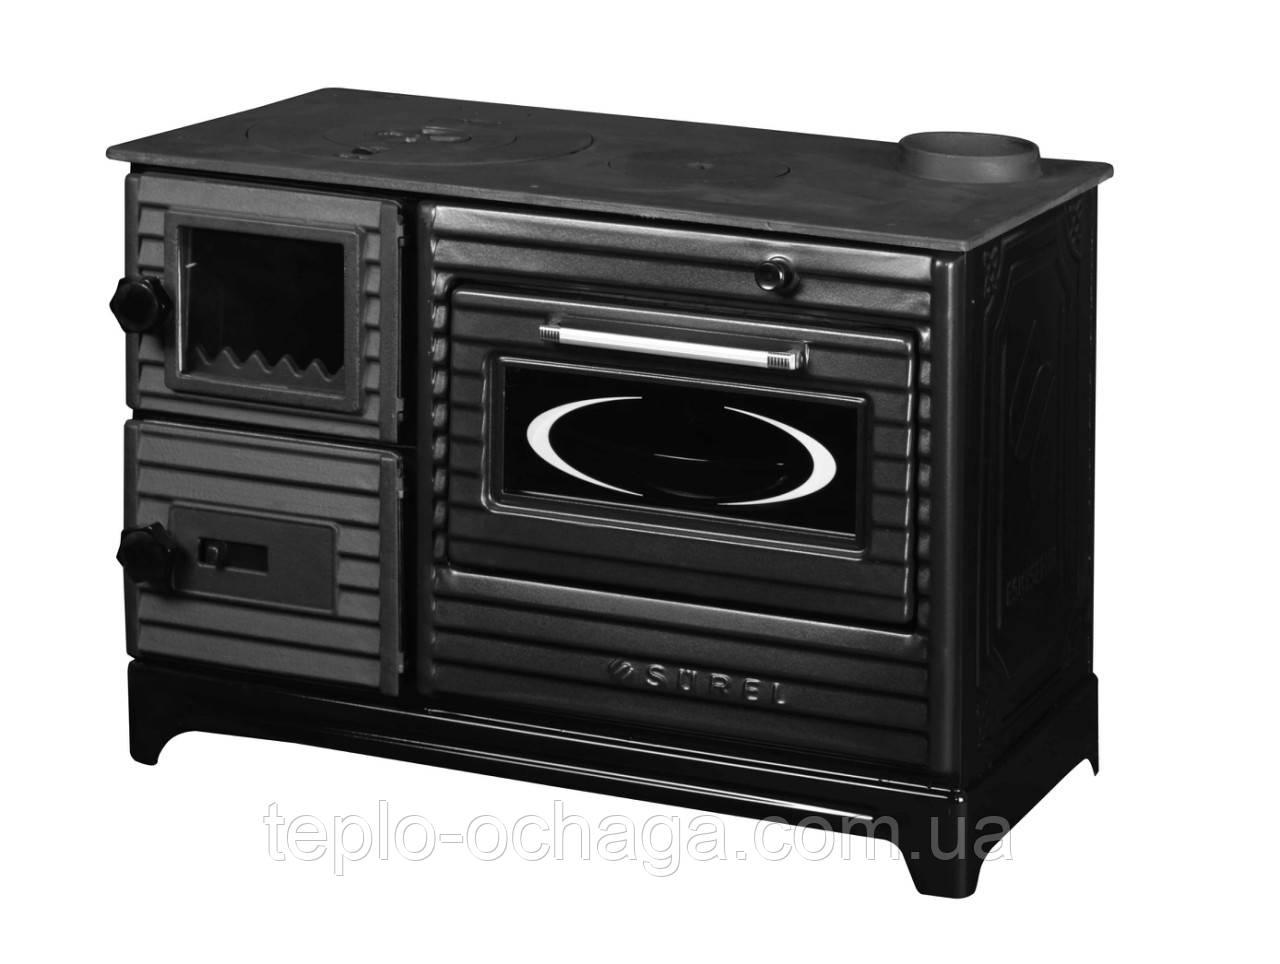 Duval EK-5237 BL отопительно-варочная печь серия SUREL Black Edition